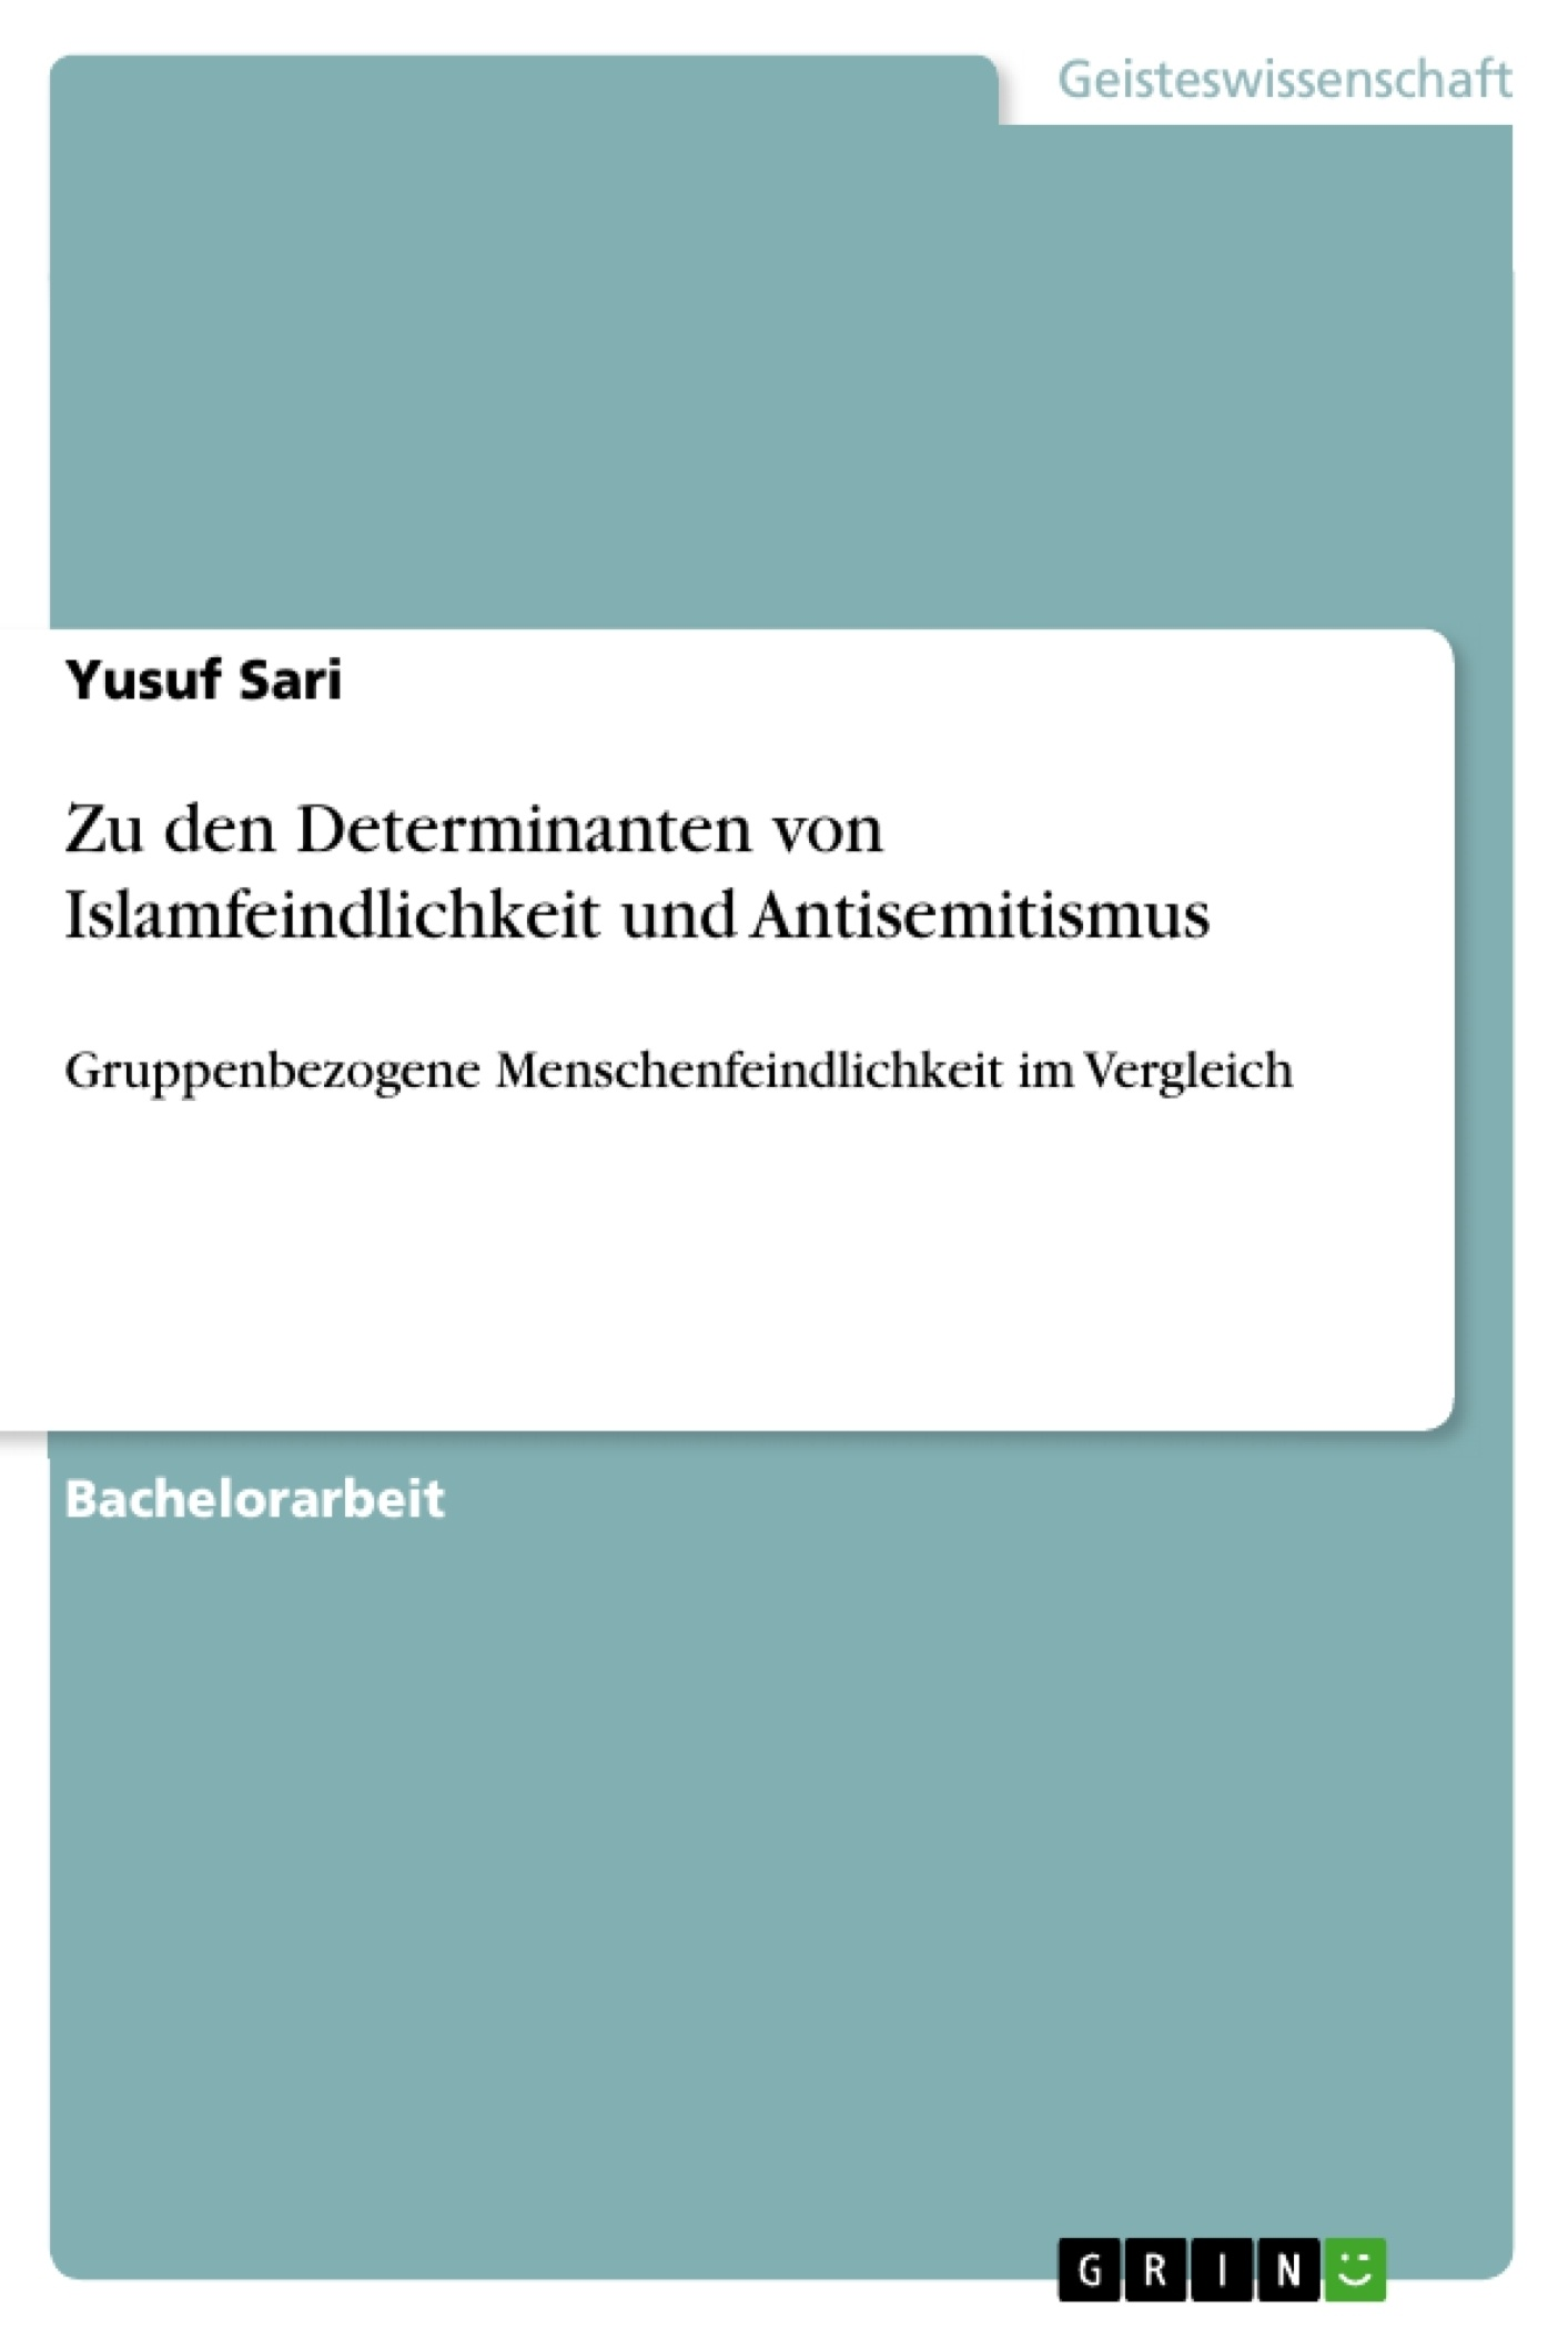 Titel: Zu den Determinanten von Islamfeindlichkeit und Antisemitismus